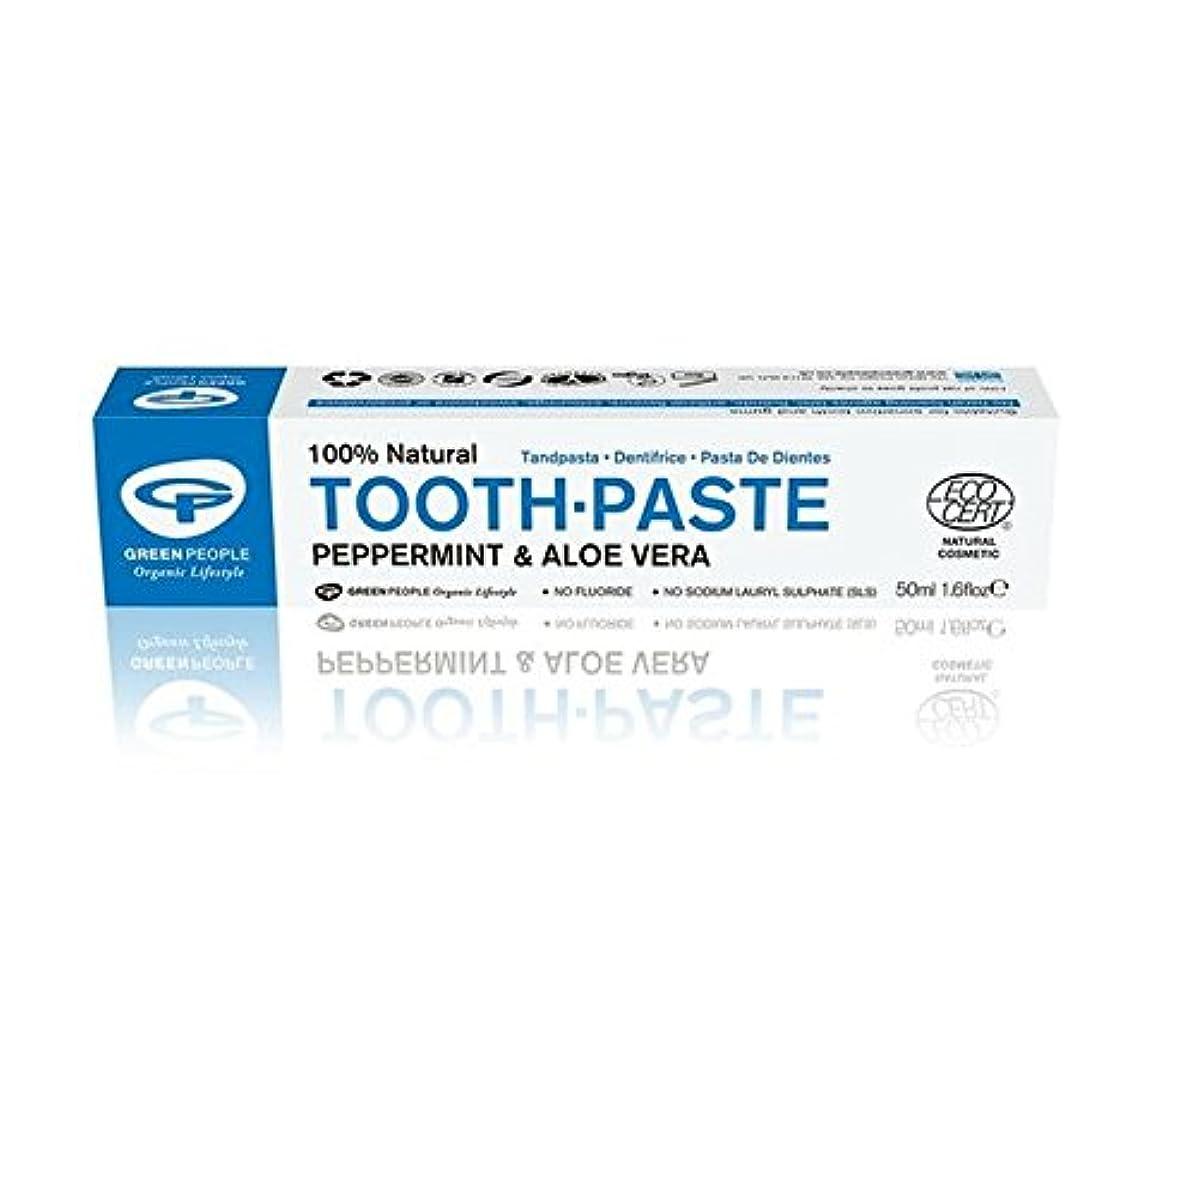 主張ドラッグ耐久Green People Natural Mint Toothpaste 50ml (Pack of 6) - 緑の人々の自然ミント歯磨き粉50ミリリットル x6 [並行輸入品]